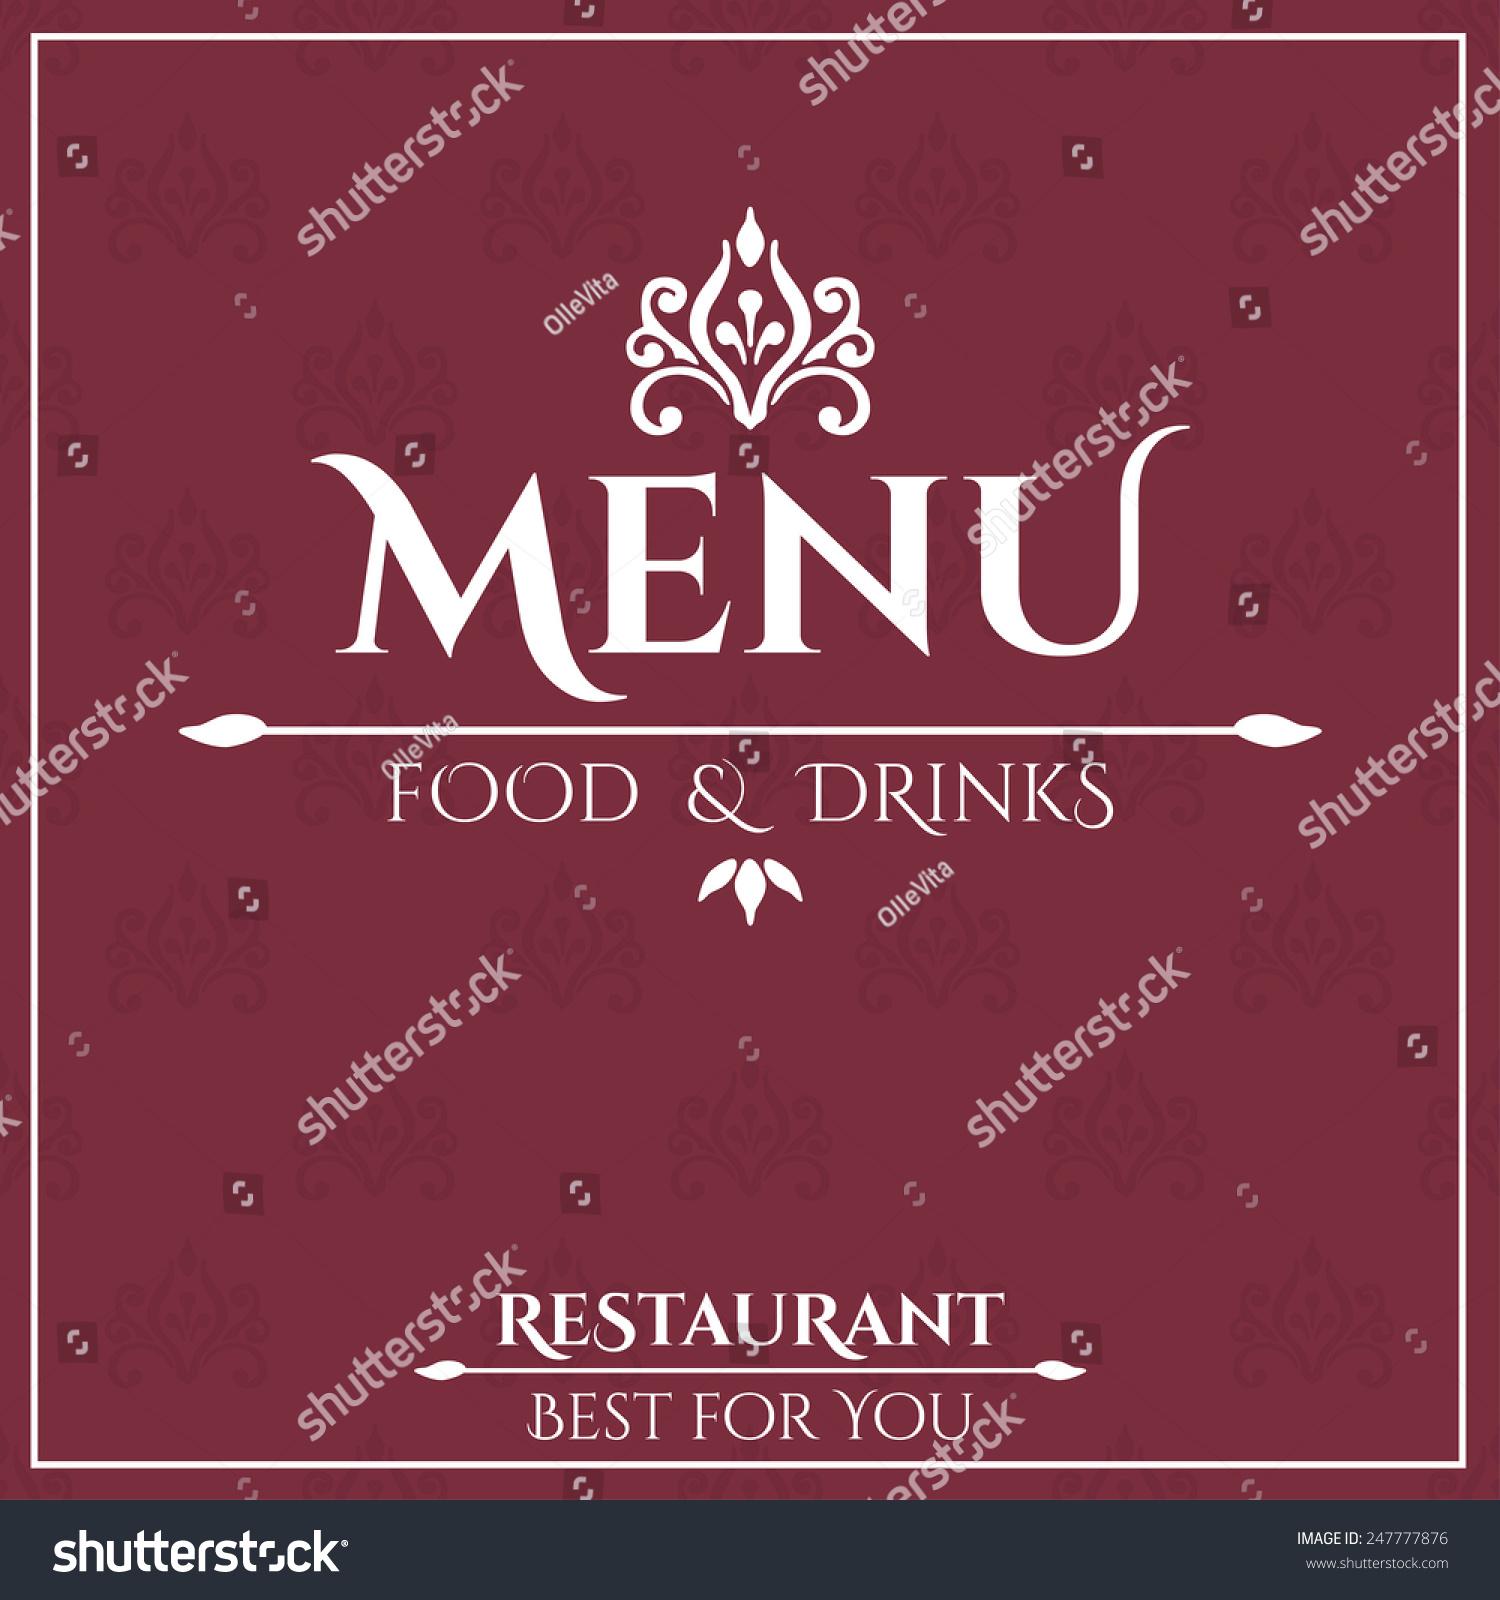 Vector De Stock Libre De Regalias Sobre Elegant Restaurant Menu Design Vector Illustration247777876